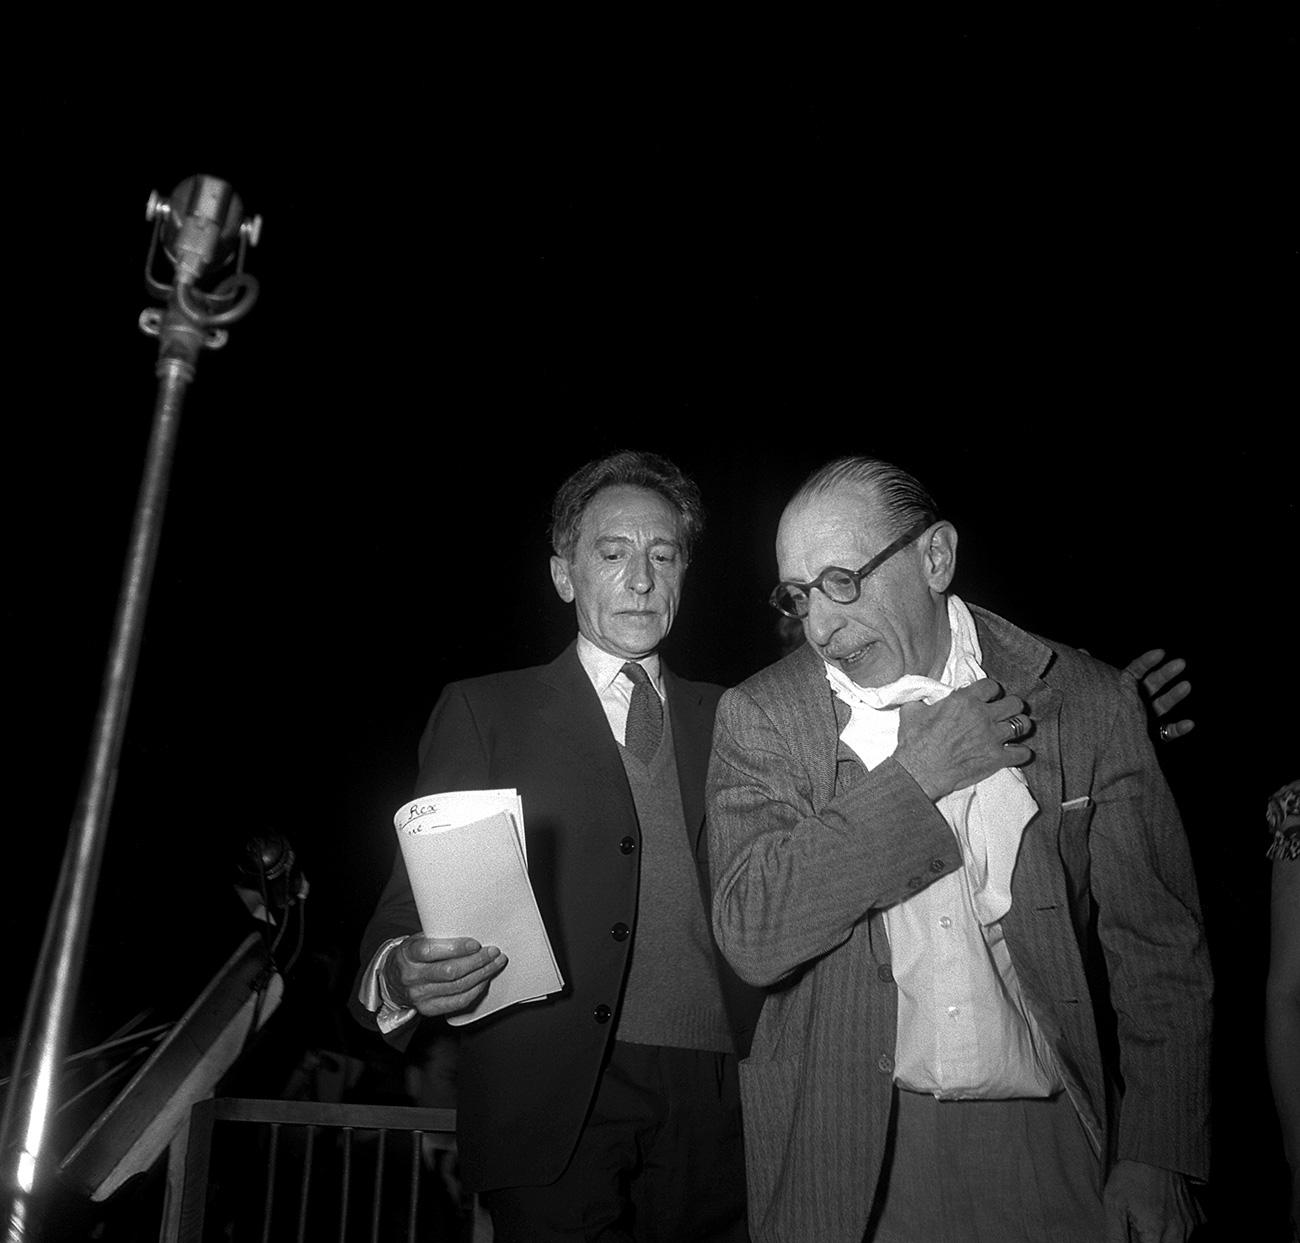 Photo prise le 20 mai 1952 de l'écrivain, dramaturge et peintre Jean Cocteau (C) lors de la représentation de l'Œdipus Rex au théâtre des Champs-Elysées, dirigé par Igor Stravinsky (D). / AFP